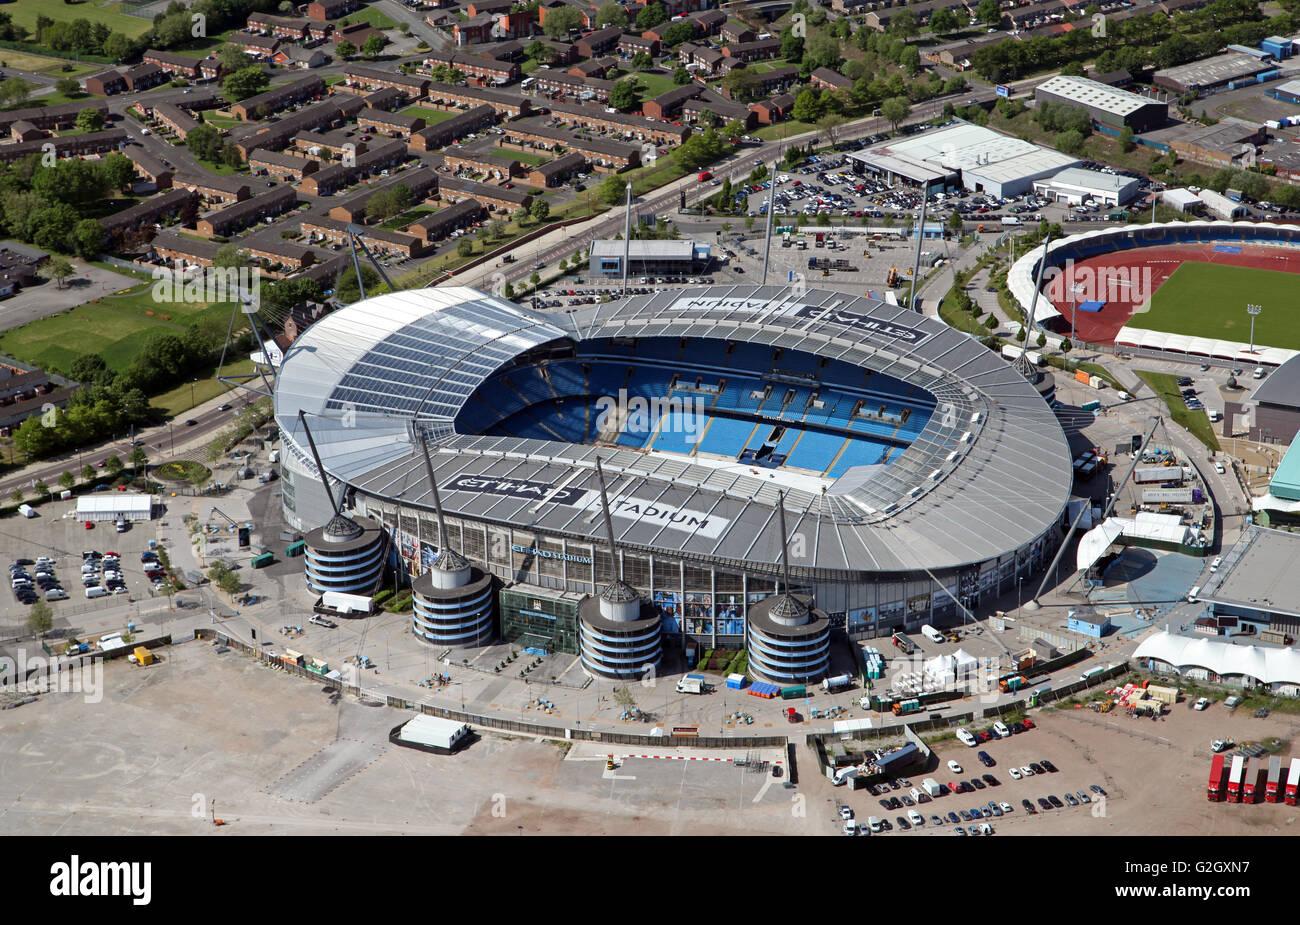 Vista aérea de la Academia de Fútbol de la ciudad de Manchester, el Etihad Stadium & Centro Regional Imagen De Stock